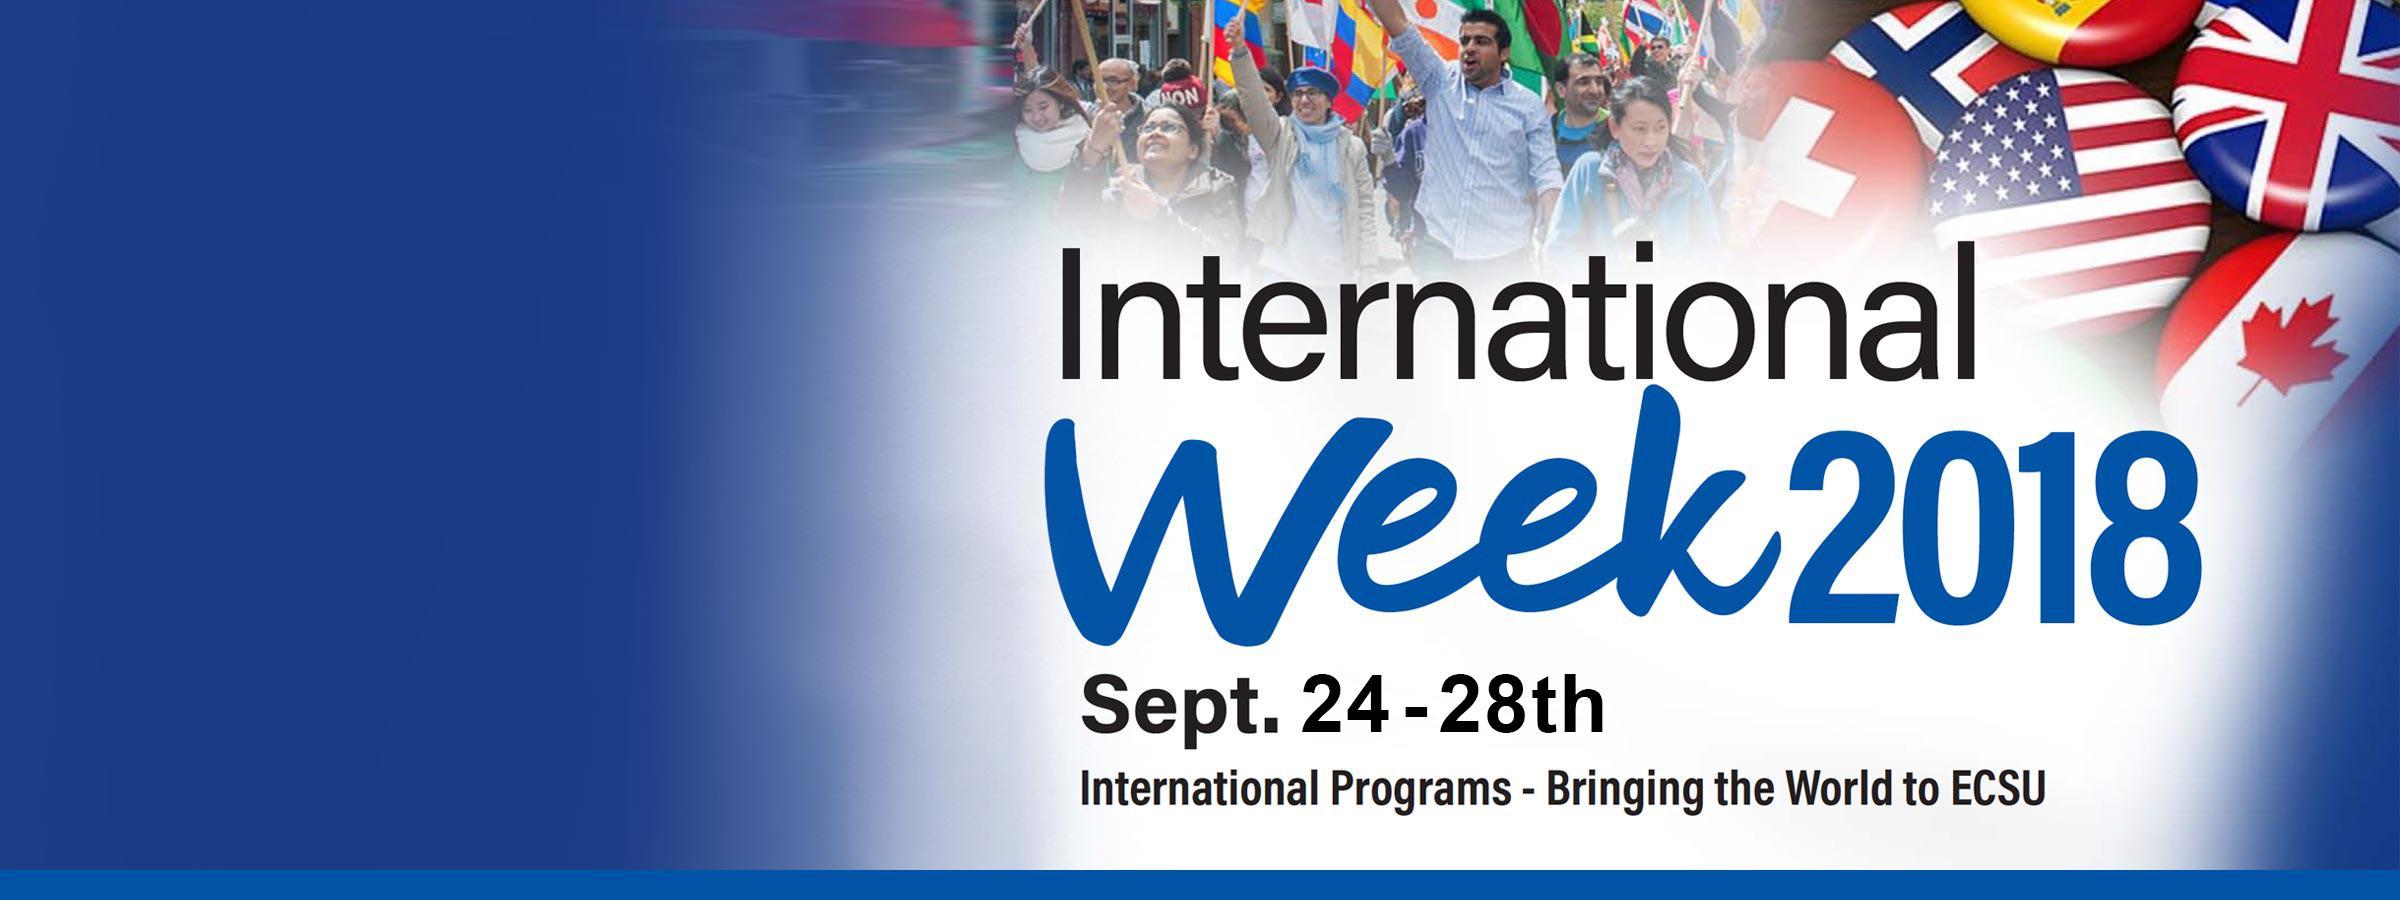 It's International Week!